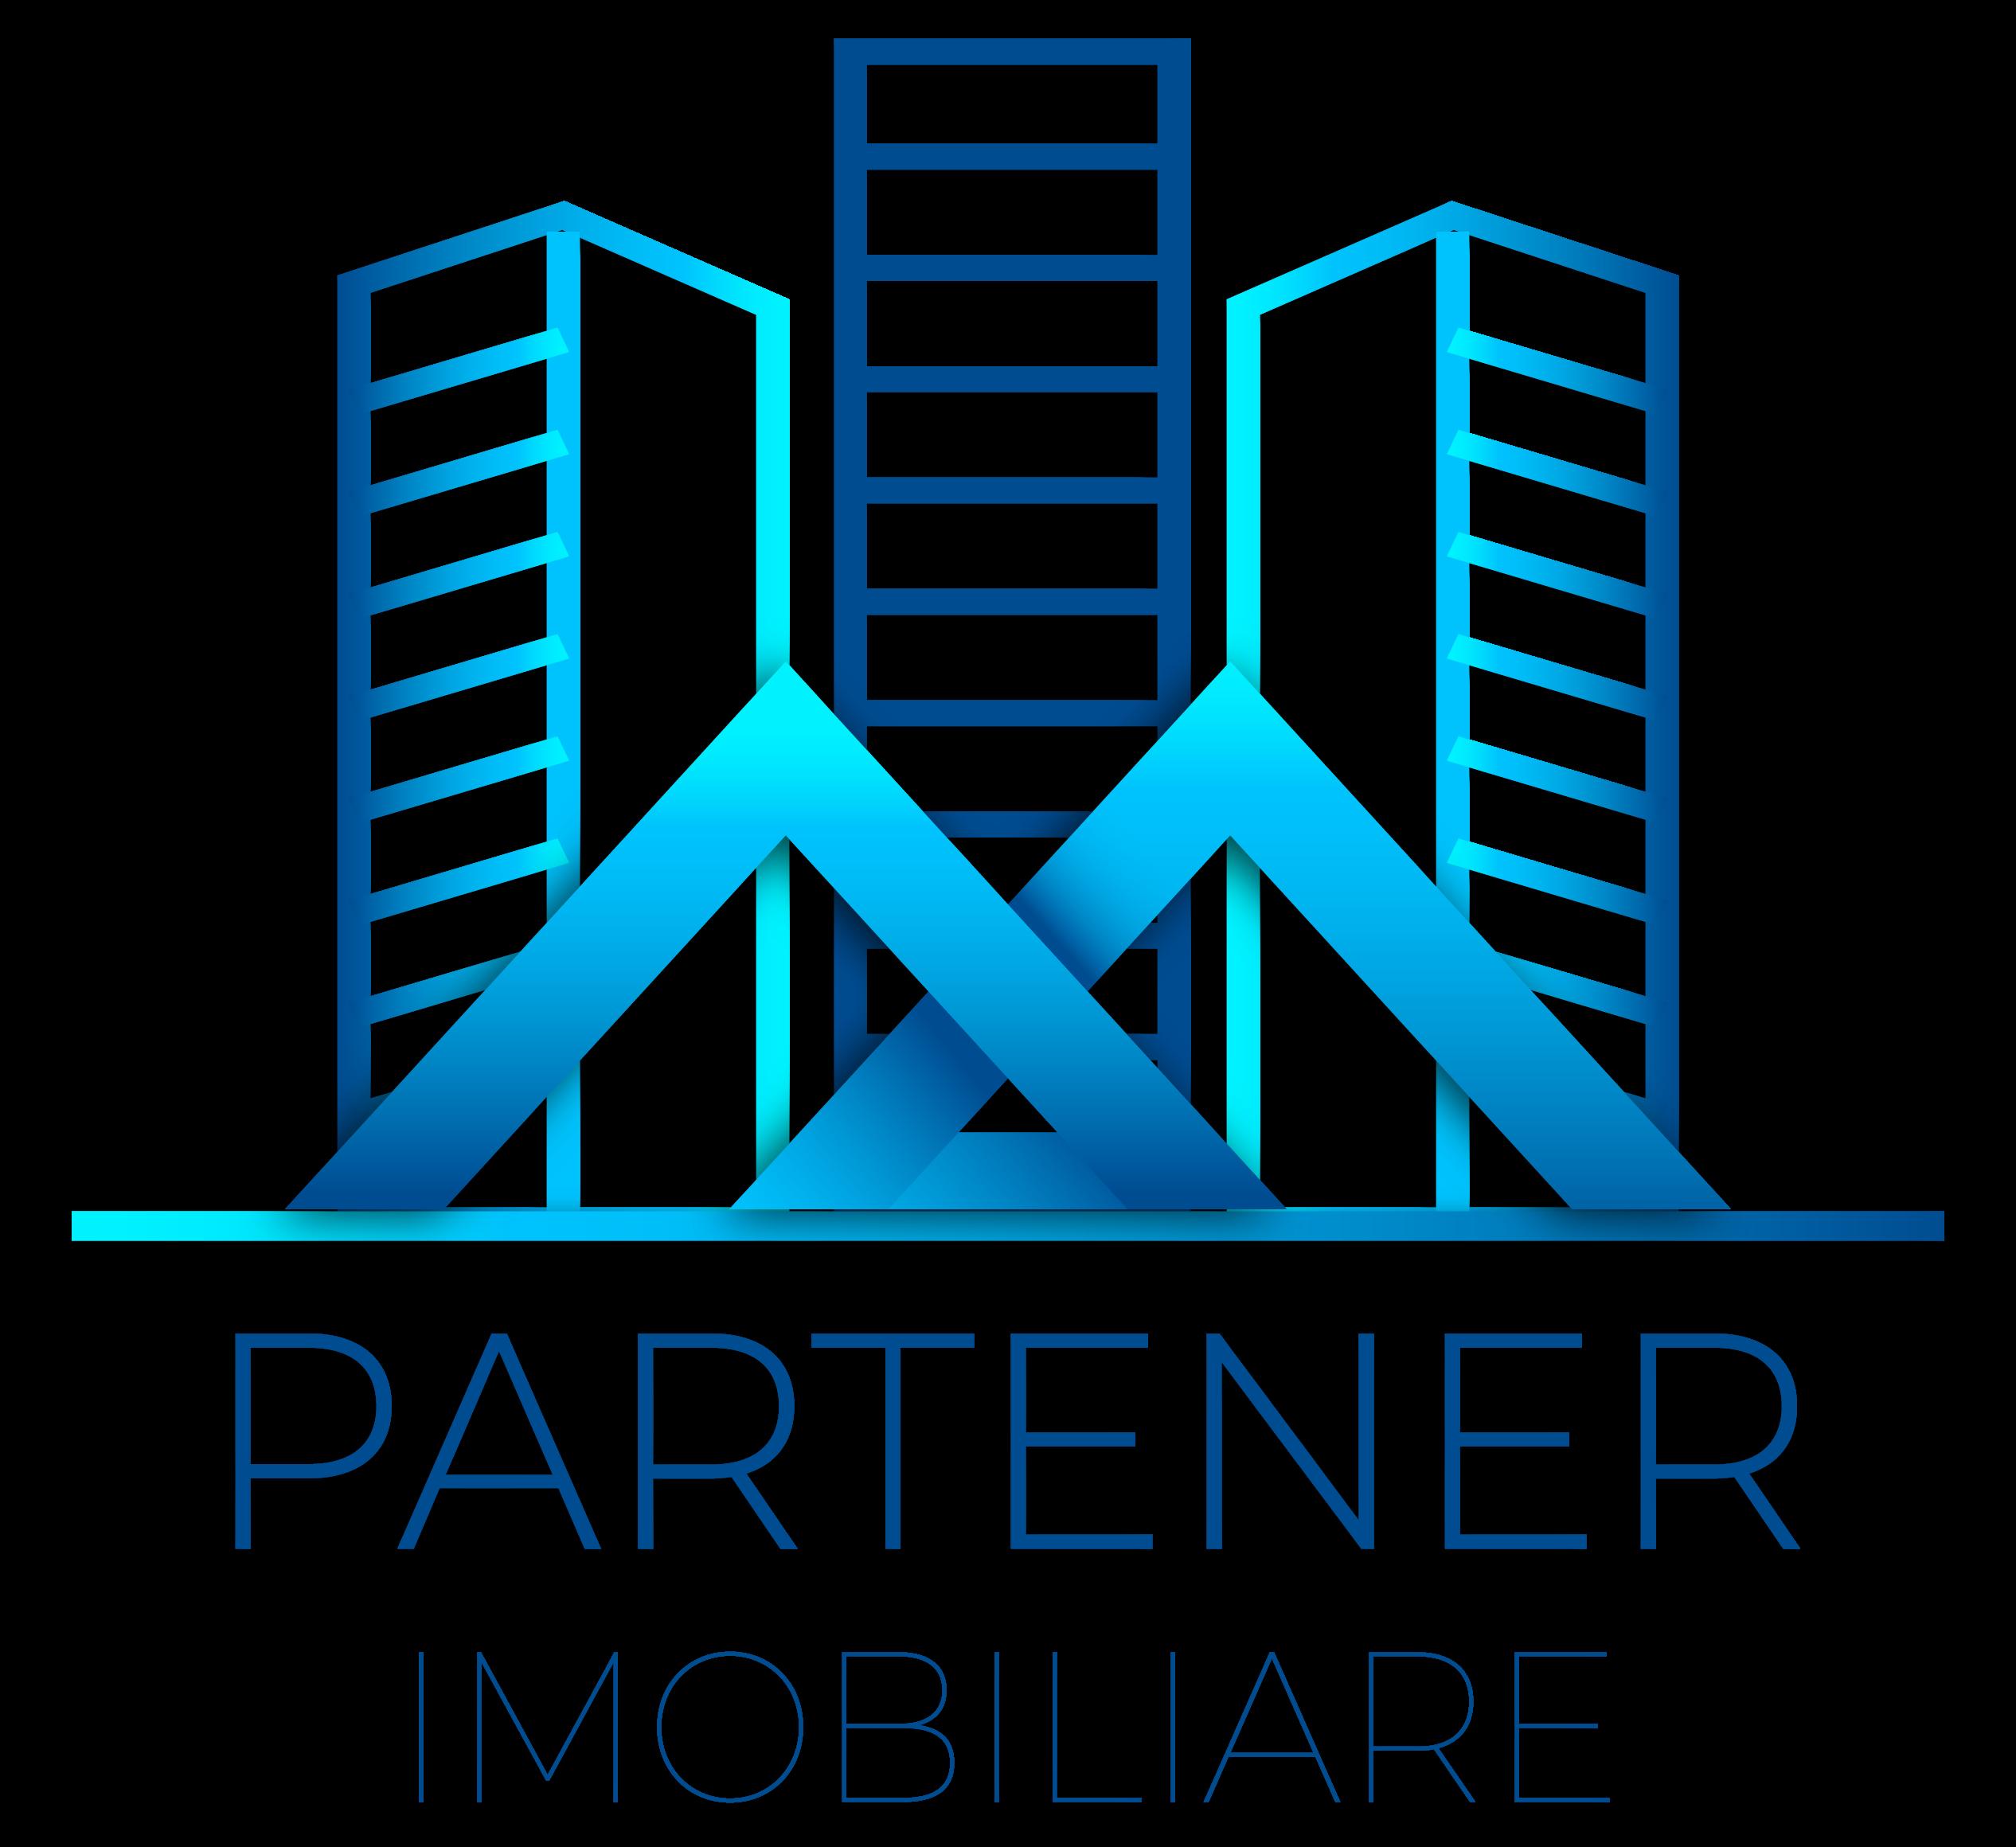 Proiect: Partener Imobiliare